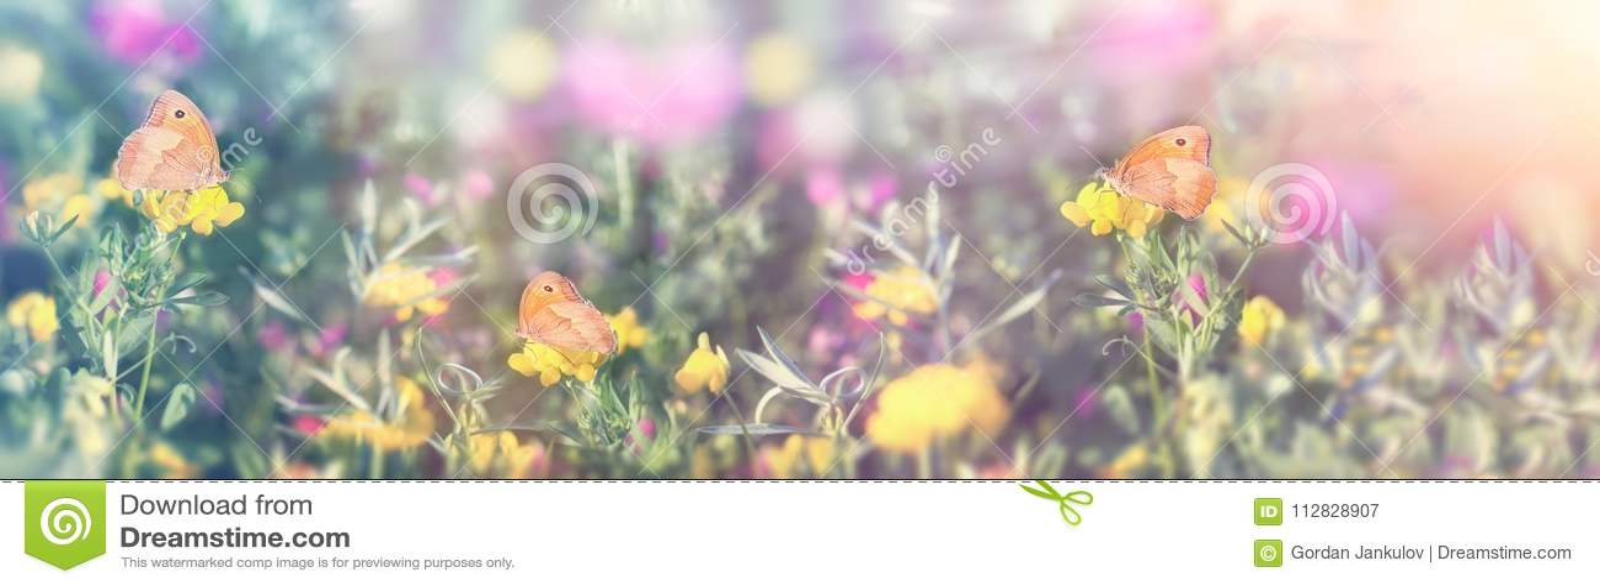 Εκλεκτική εστίαση σε λίγη πεταλούδα - πεταλούδες, όμορφο λιβάδι την άνοιξη